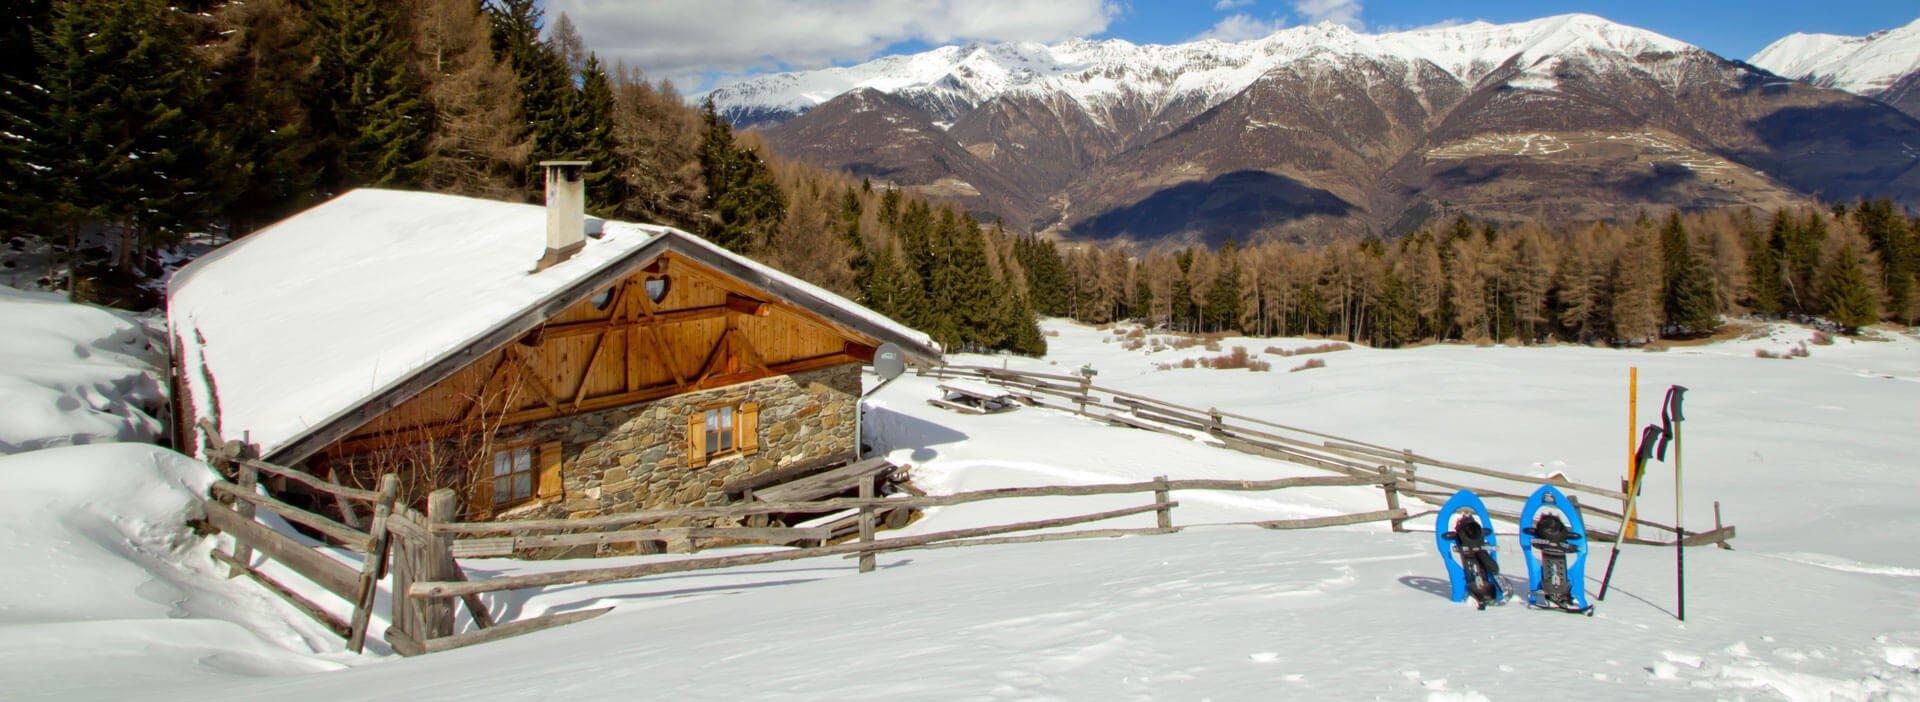 winterurlaub-vinschgau-06